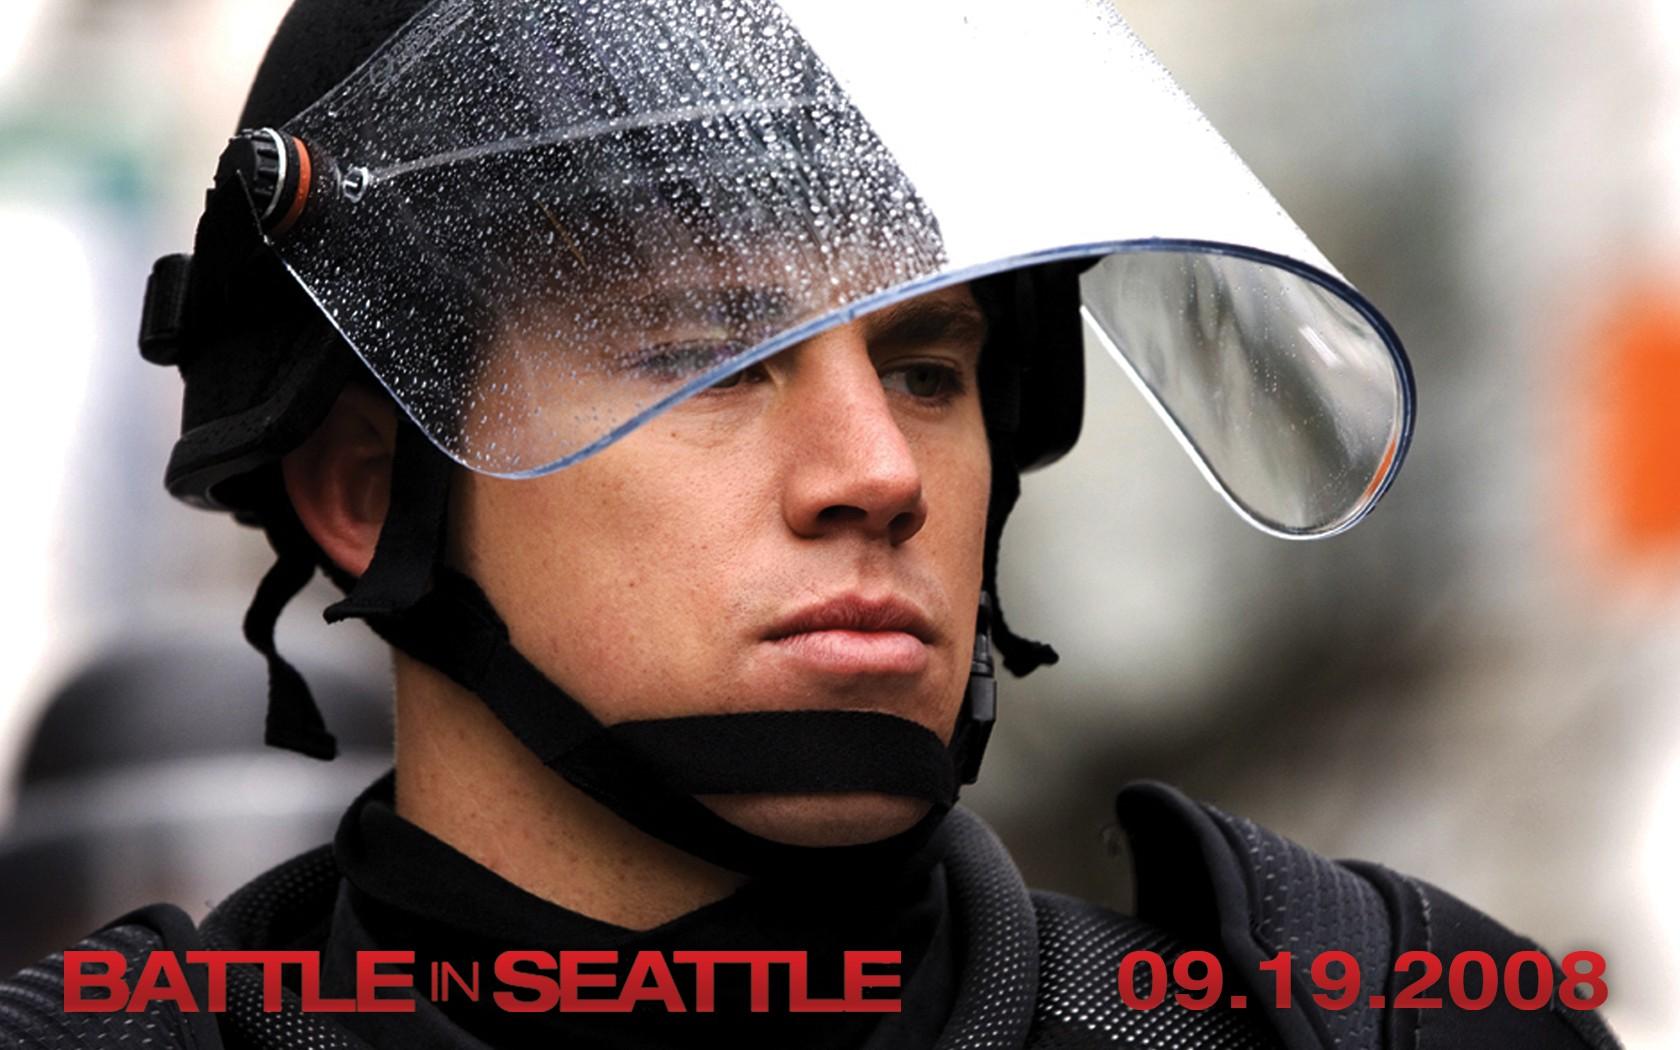 Wallpaper del film Battle in Seattle, con Channing Tatum